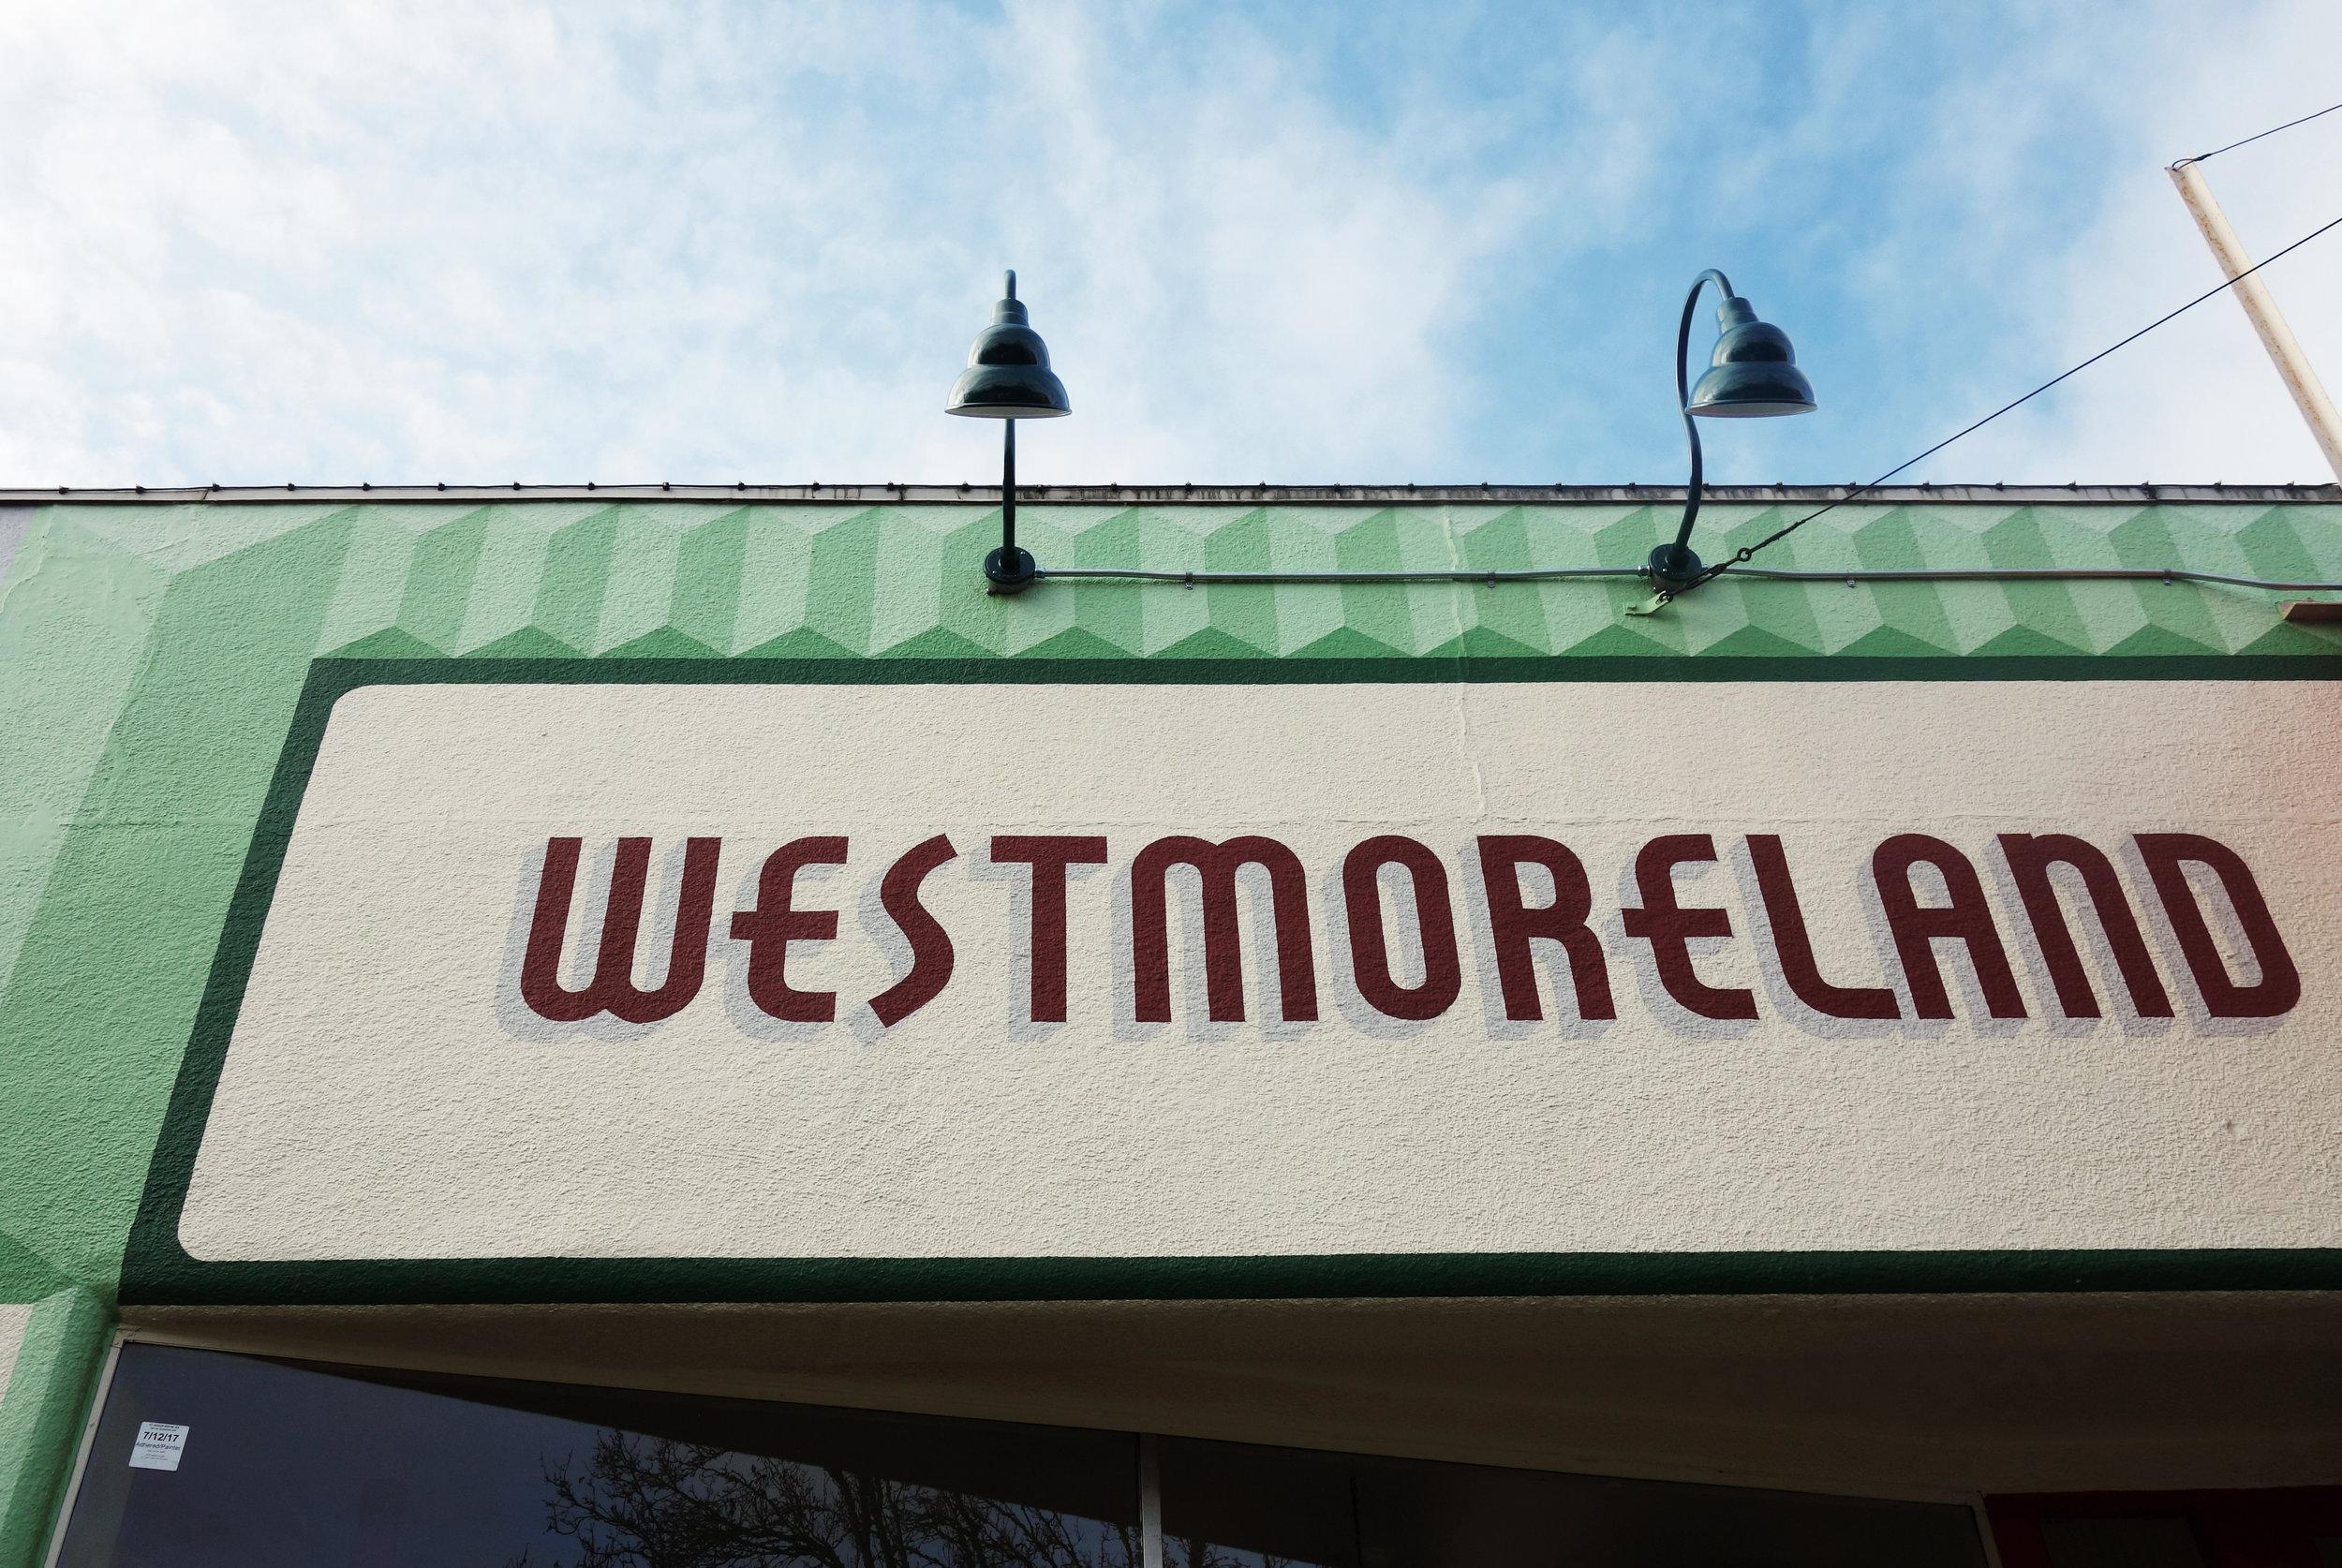 Westmoreland02.jpg